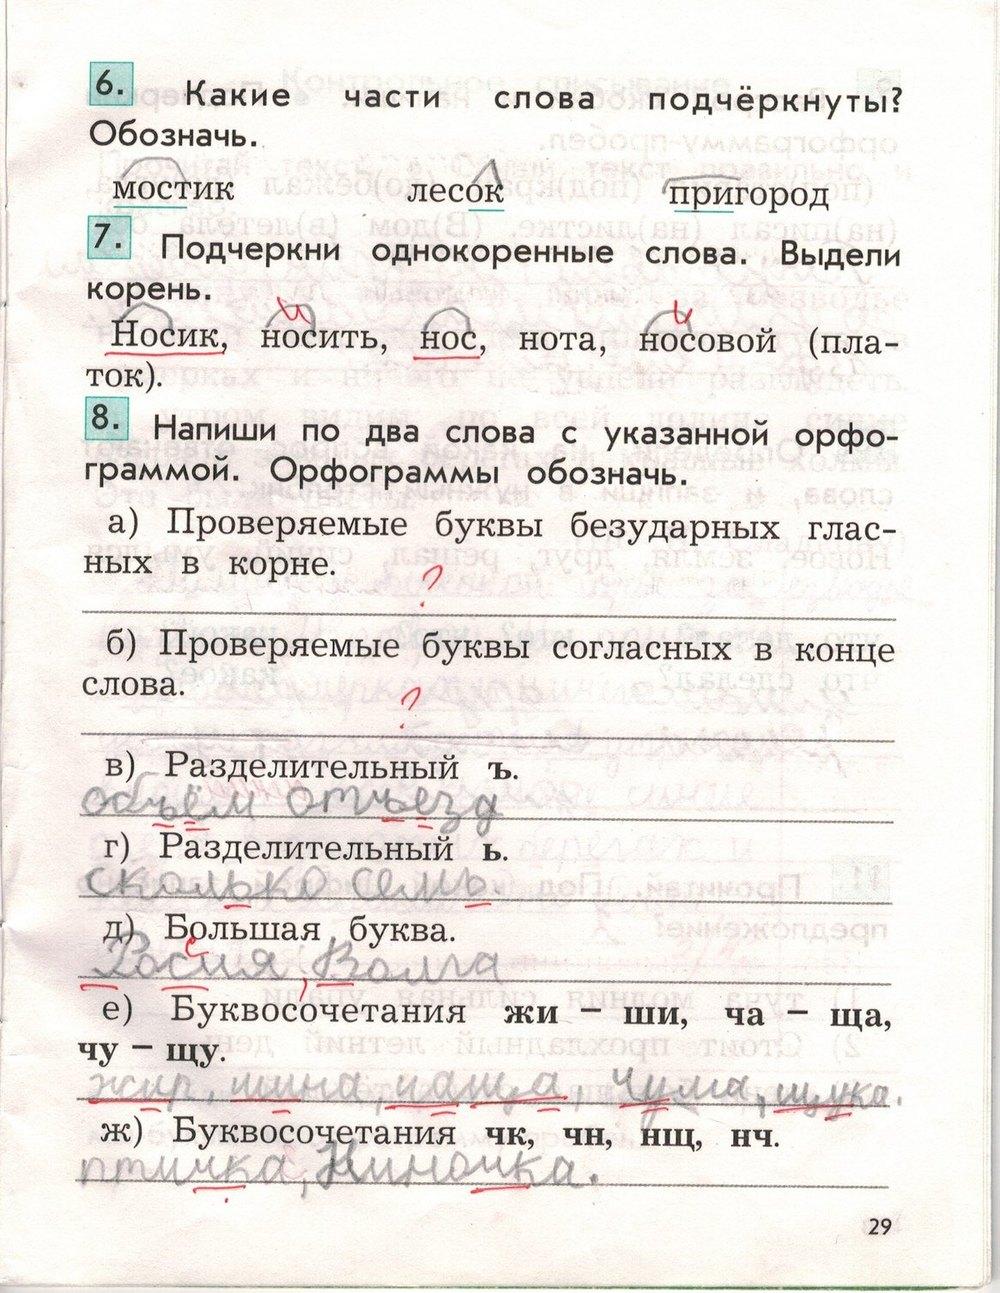 Решебник по проверочным работам по русскому языку 4 класс 2 вариант